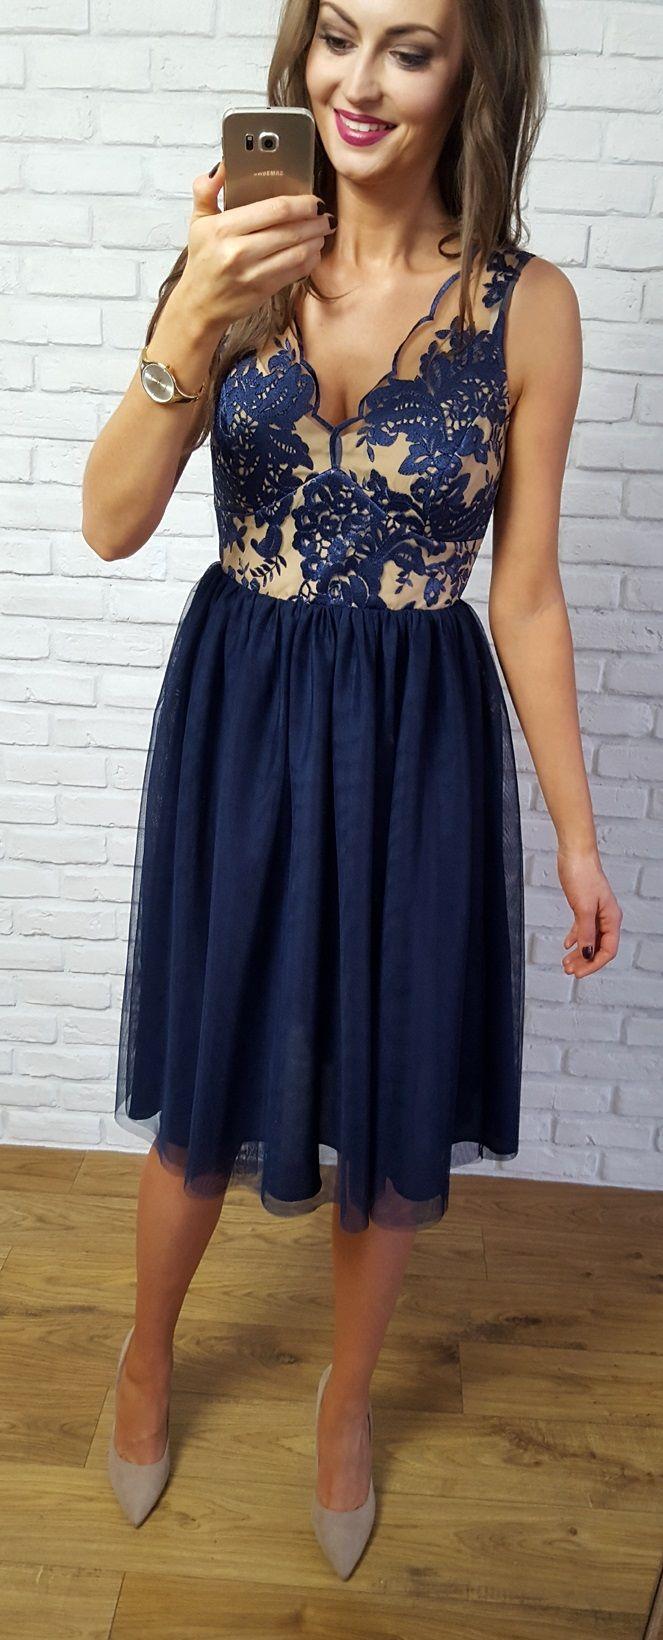 Tiulowa granatowo- cielista sukienka z koronkowa górą. Idealna sukienka na rodzinne przyjęcie jak  ślub, komunia, chrzest